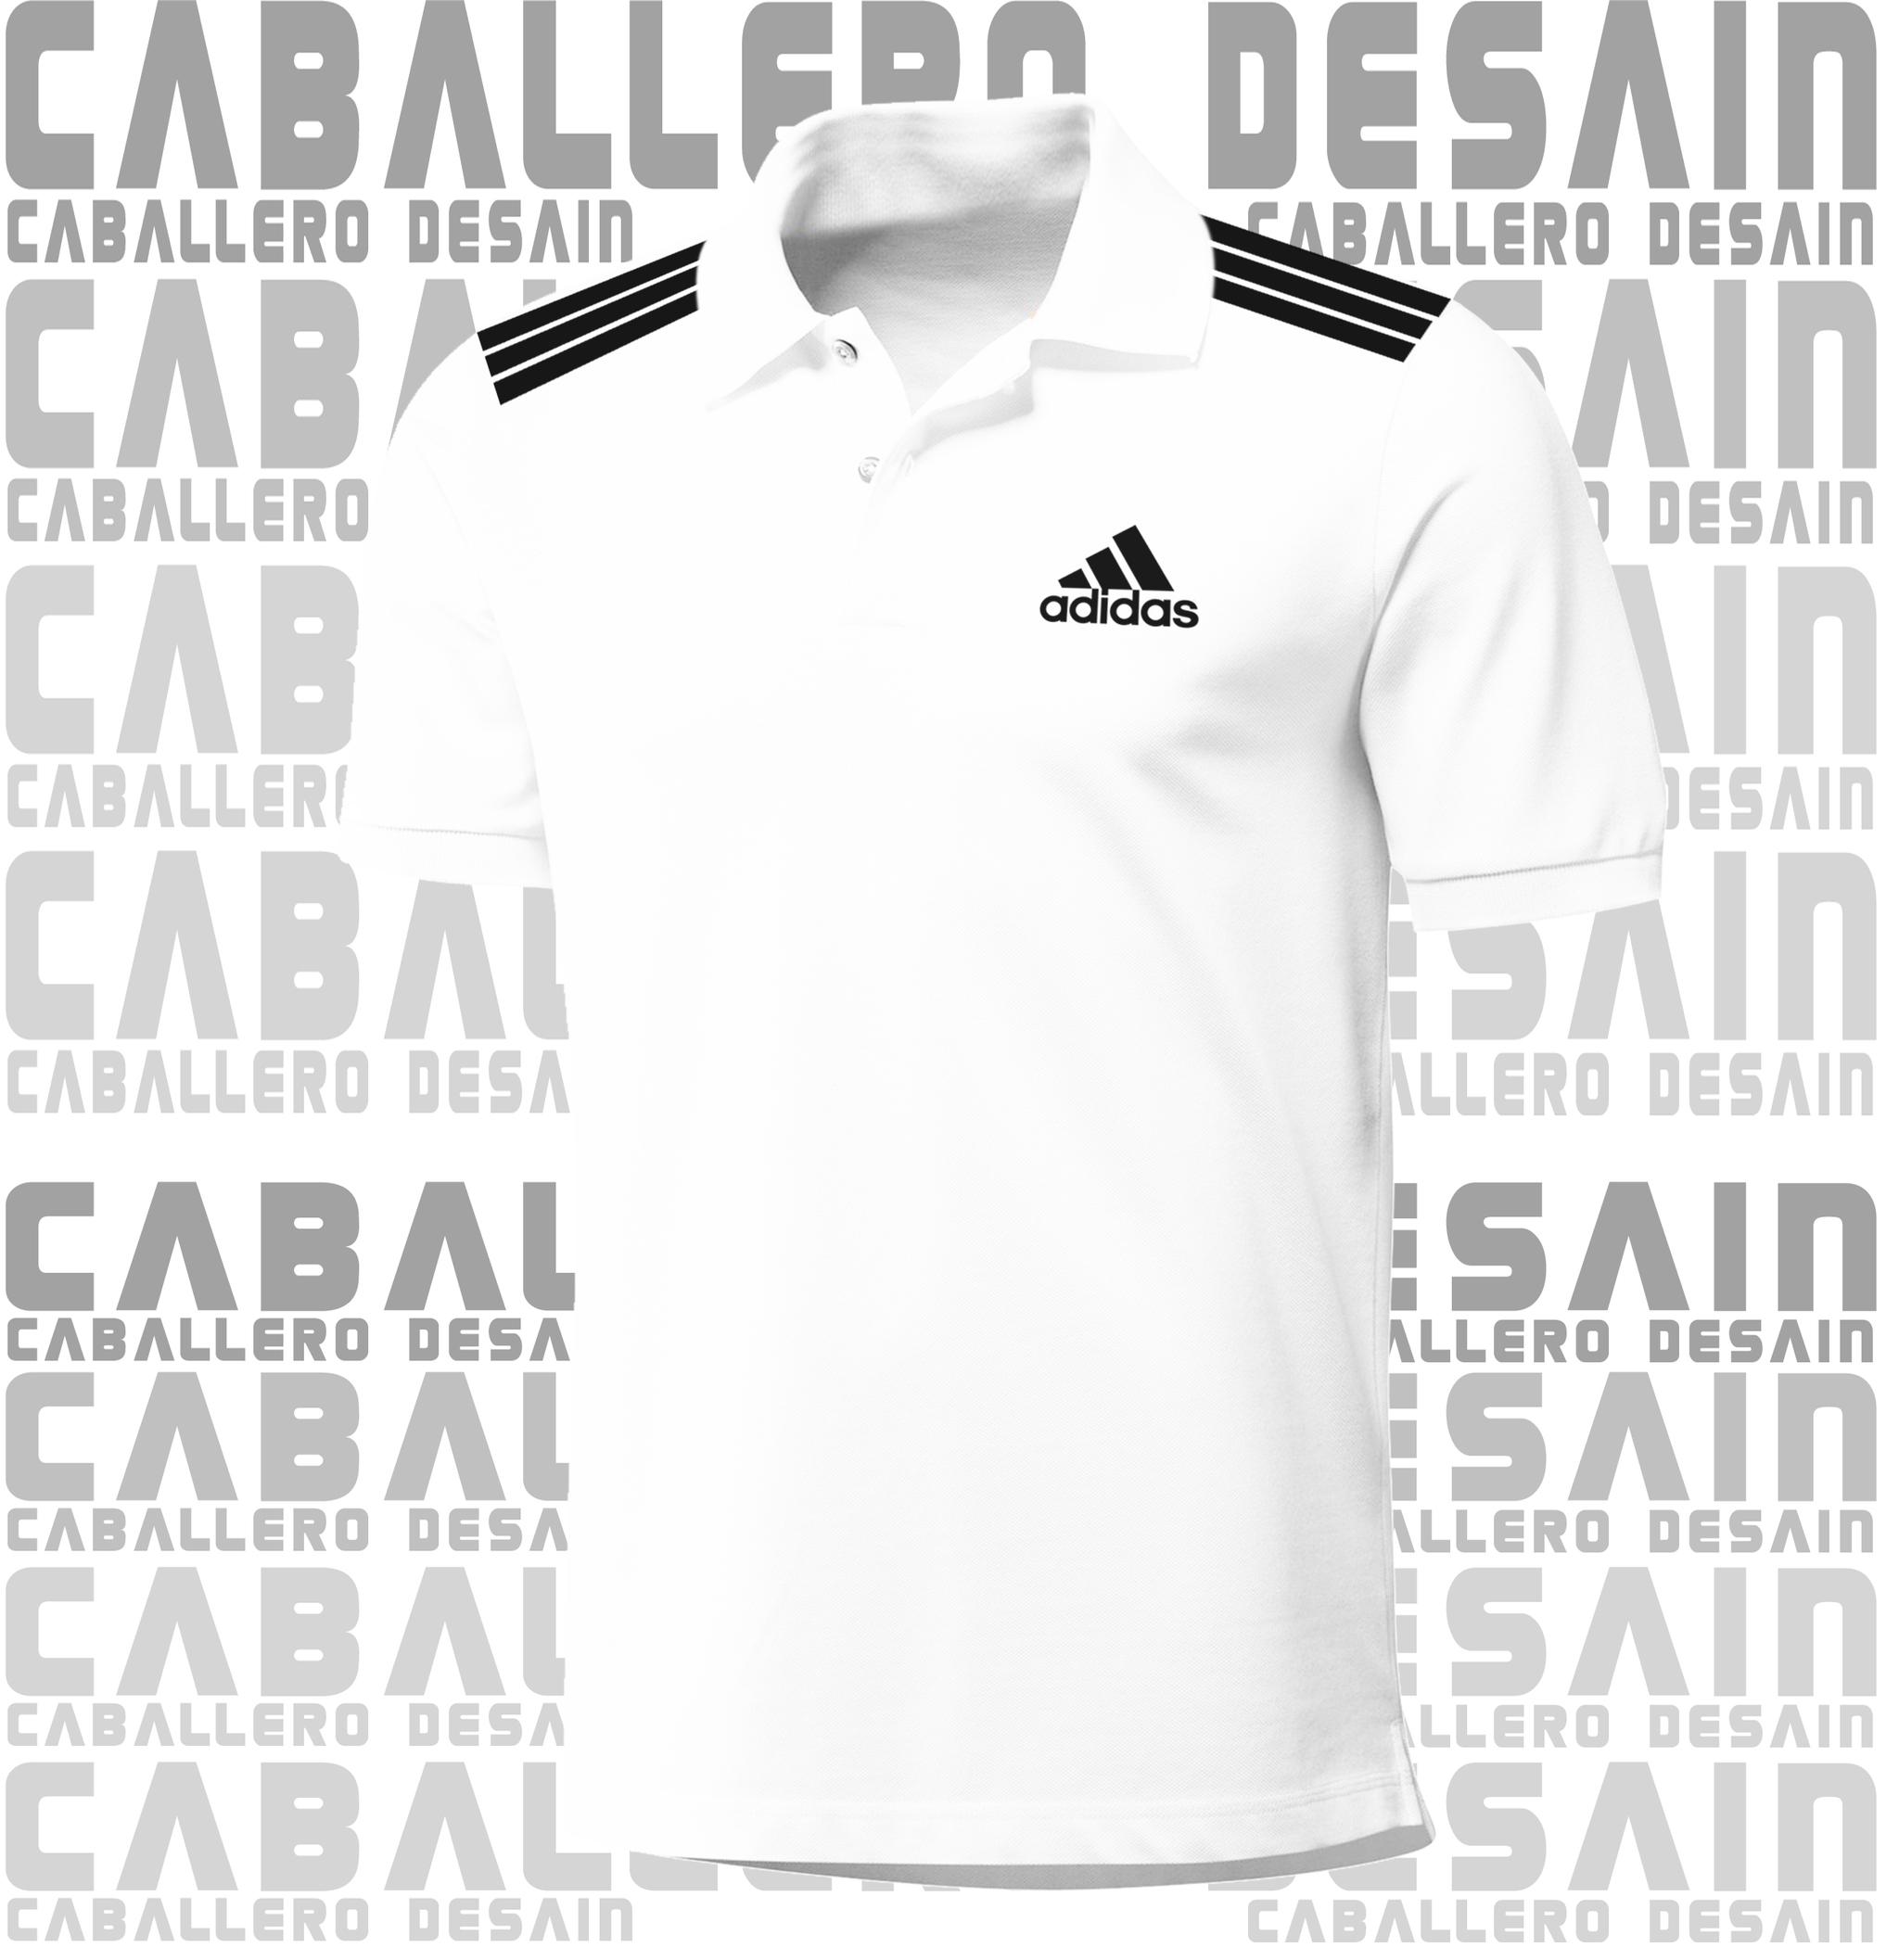 Desain t shirt kerah - Kaos Polo Kaos Kerah Polo Shirt Kaos Adidas Strip Pundak